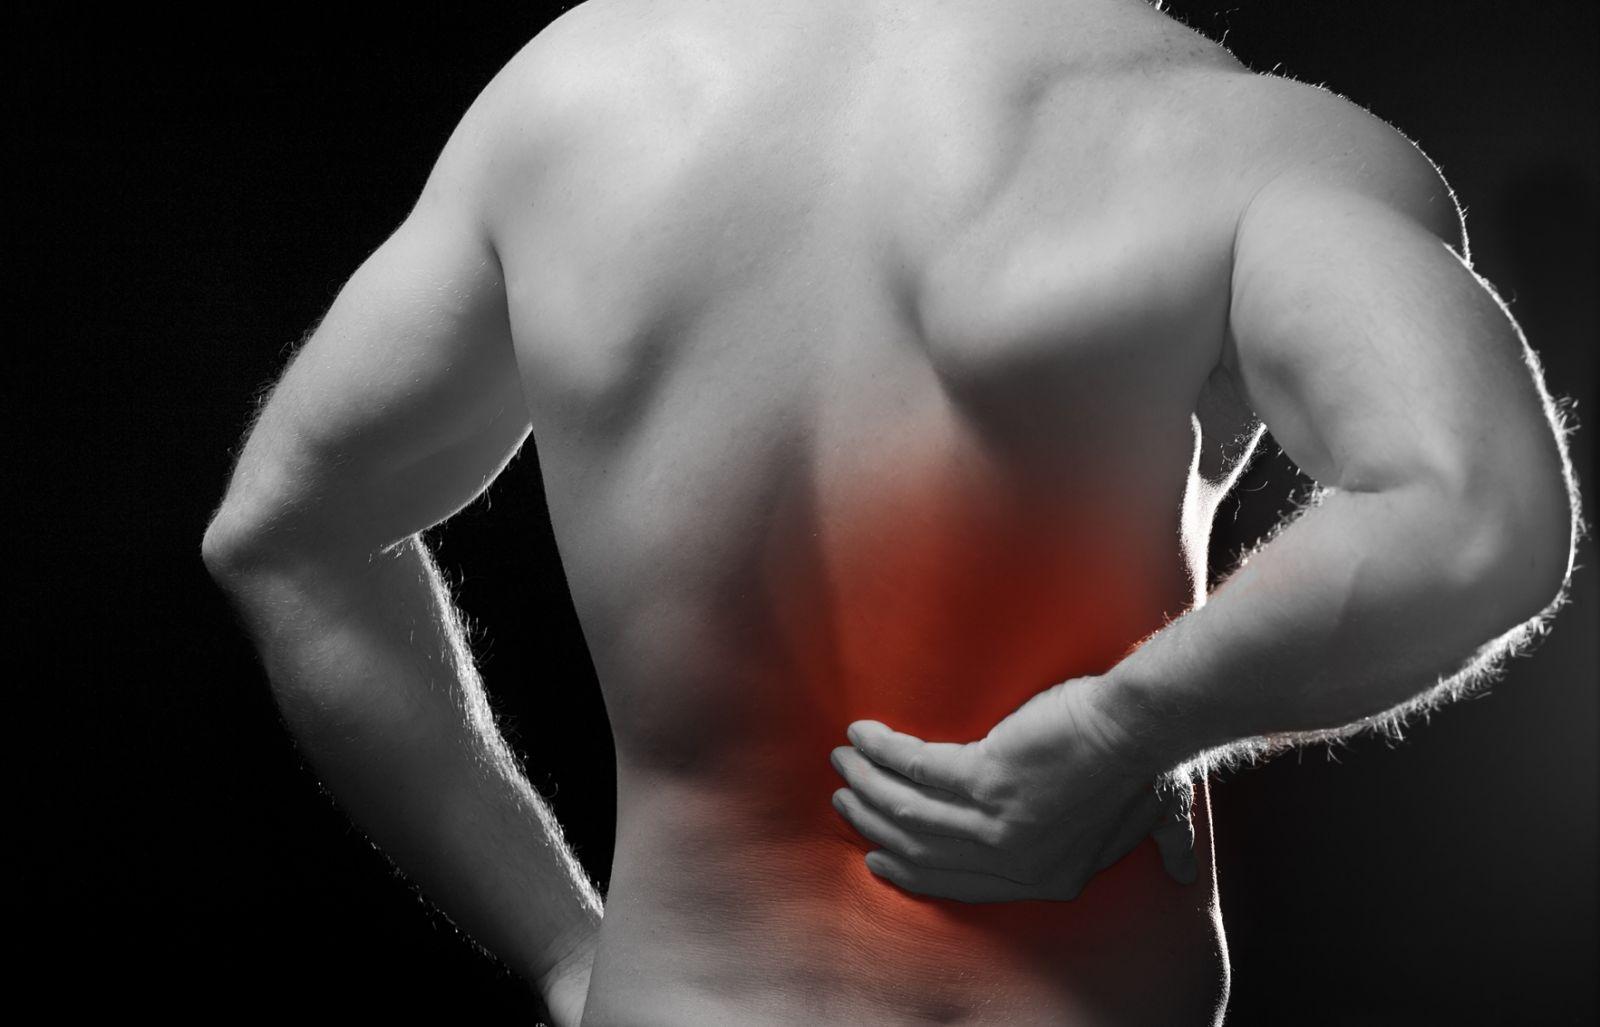 Локализация, диагностика и причины появления острого миозита мышц